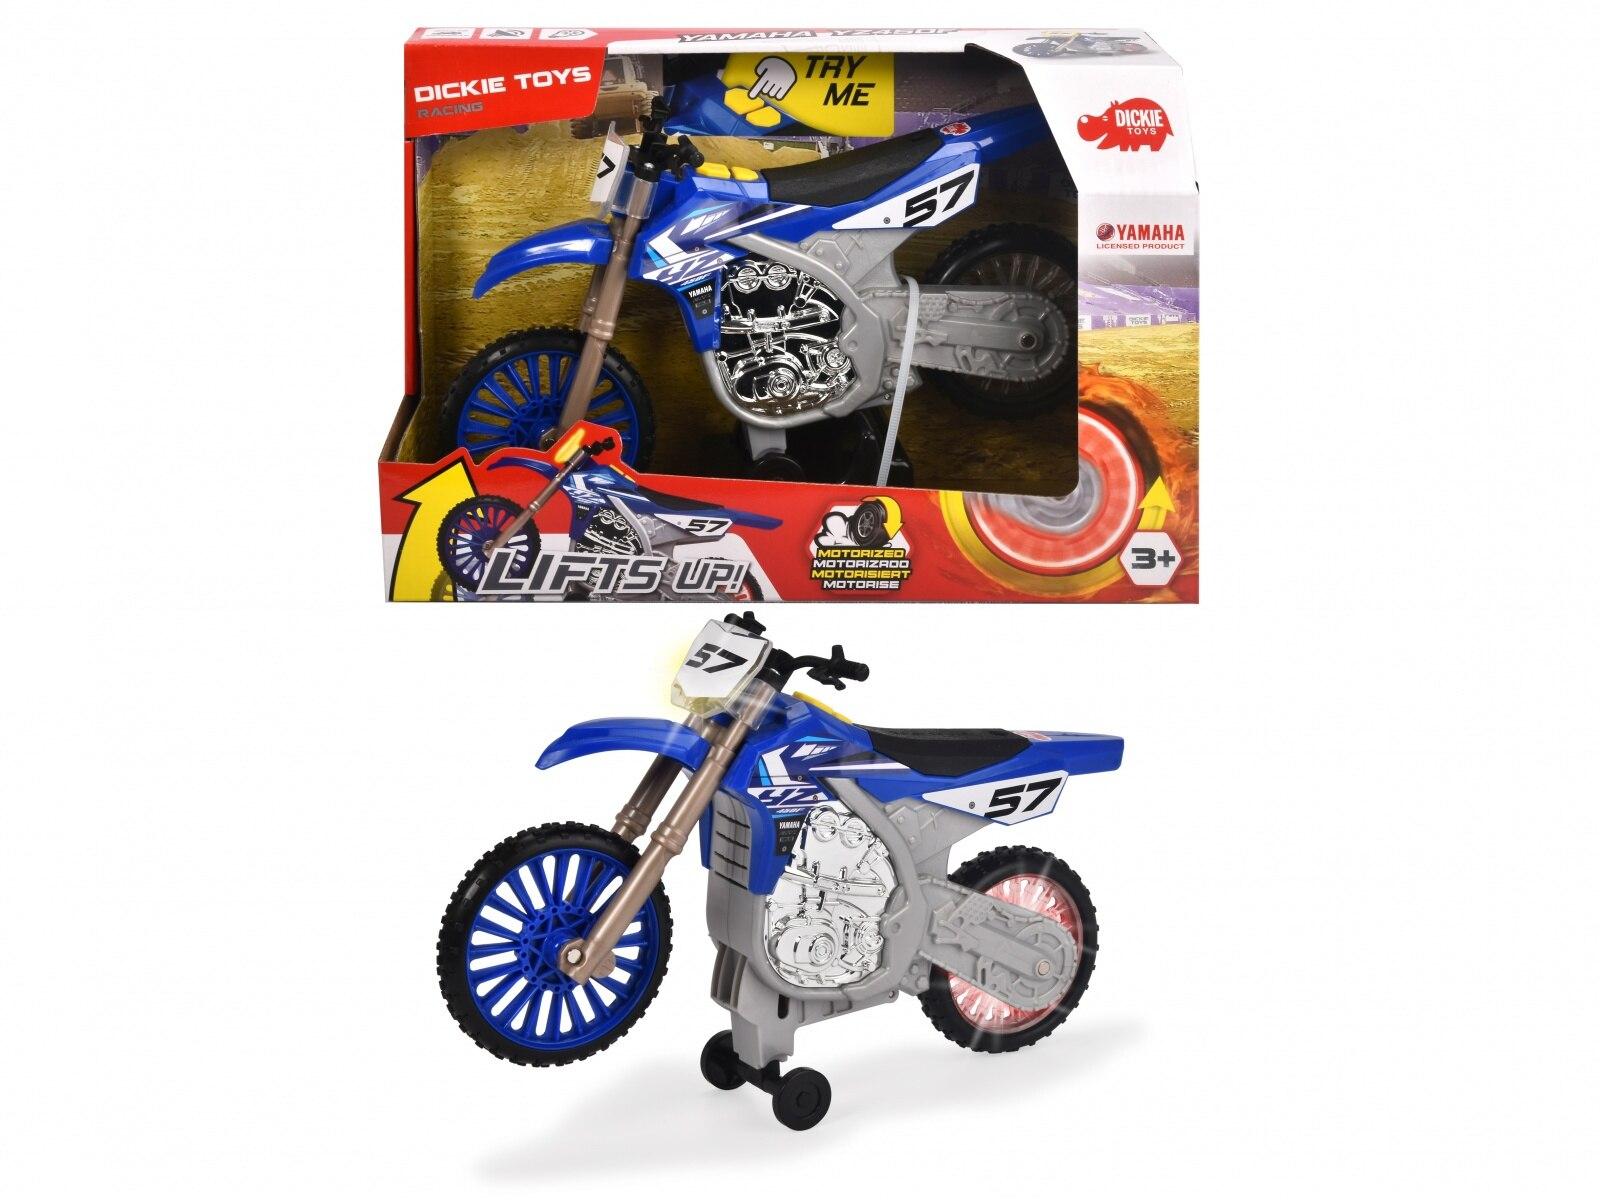 Motorcycle-Dickie-toys-Yamaha-YZ-motorized-26-cm-3764014